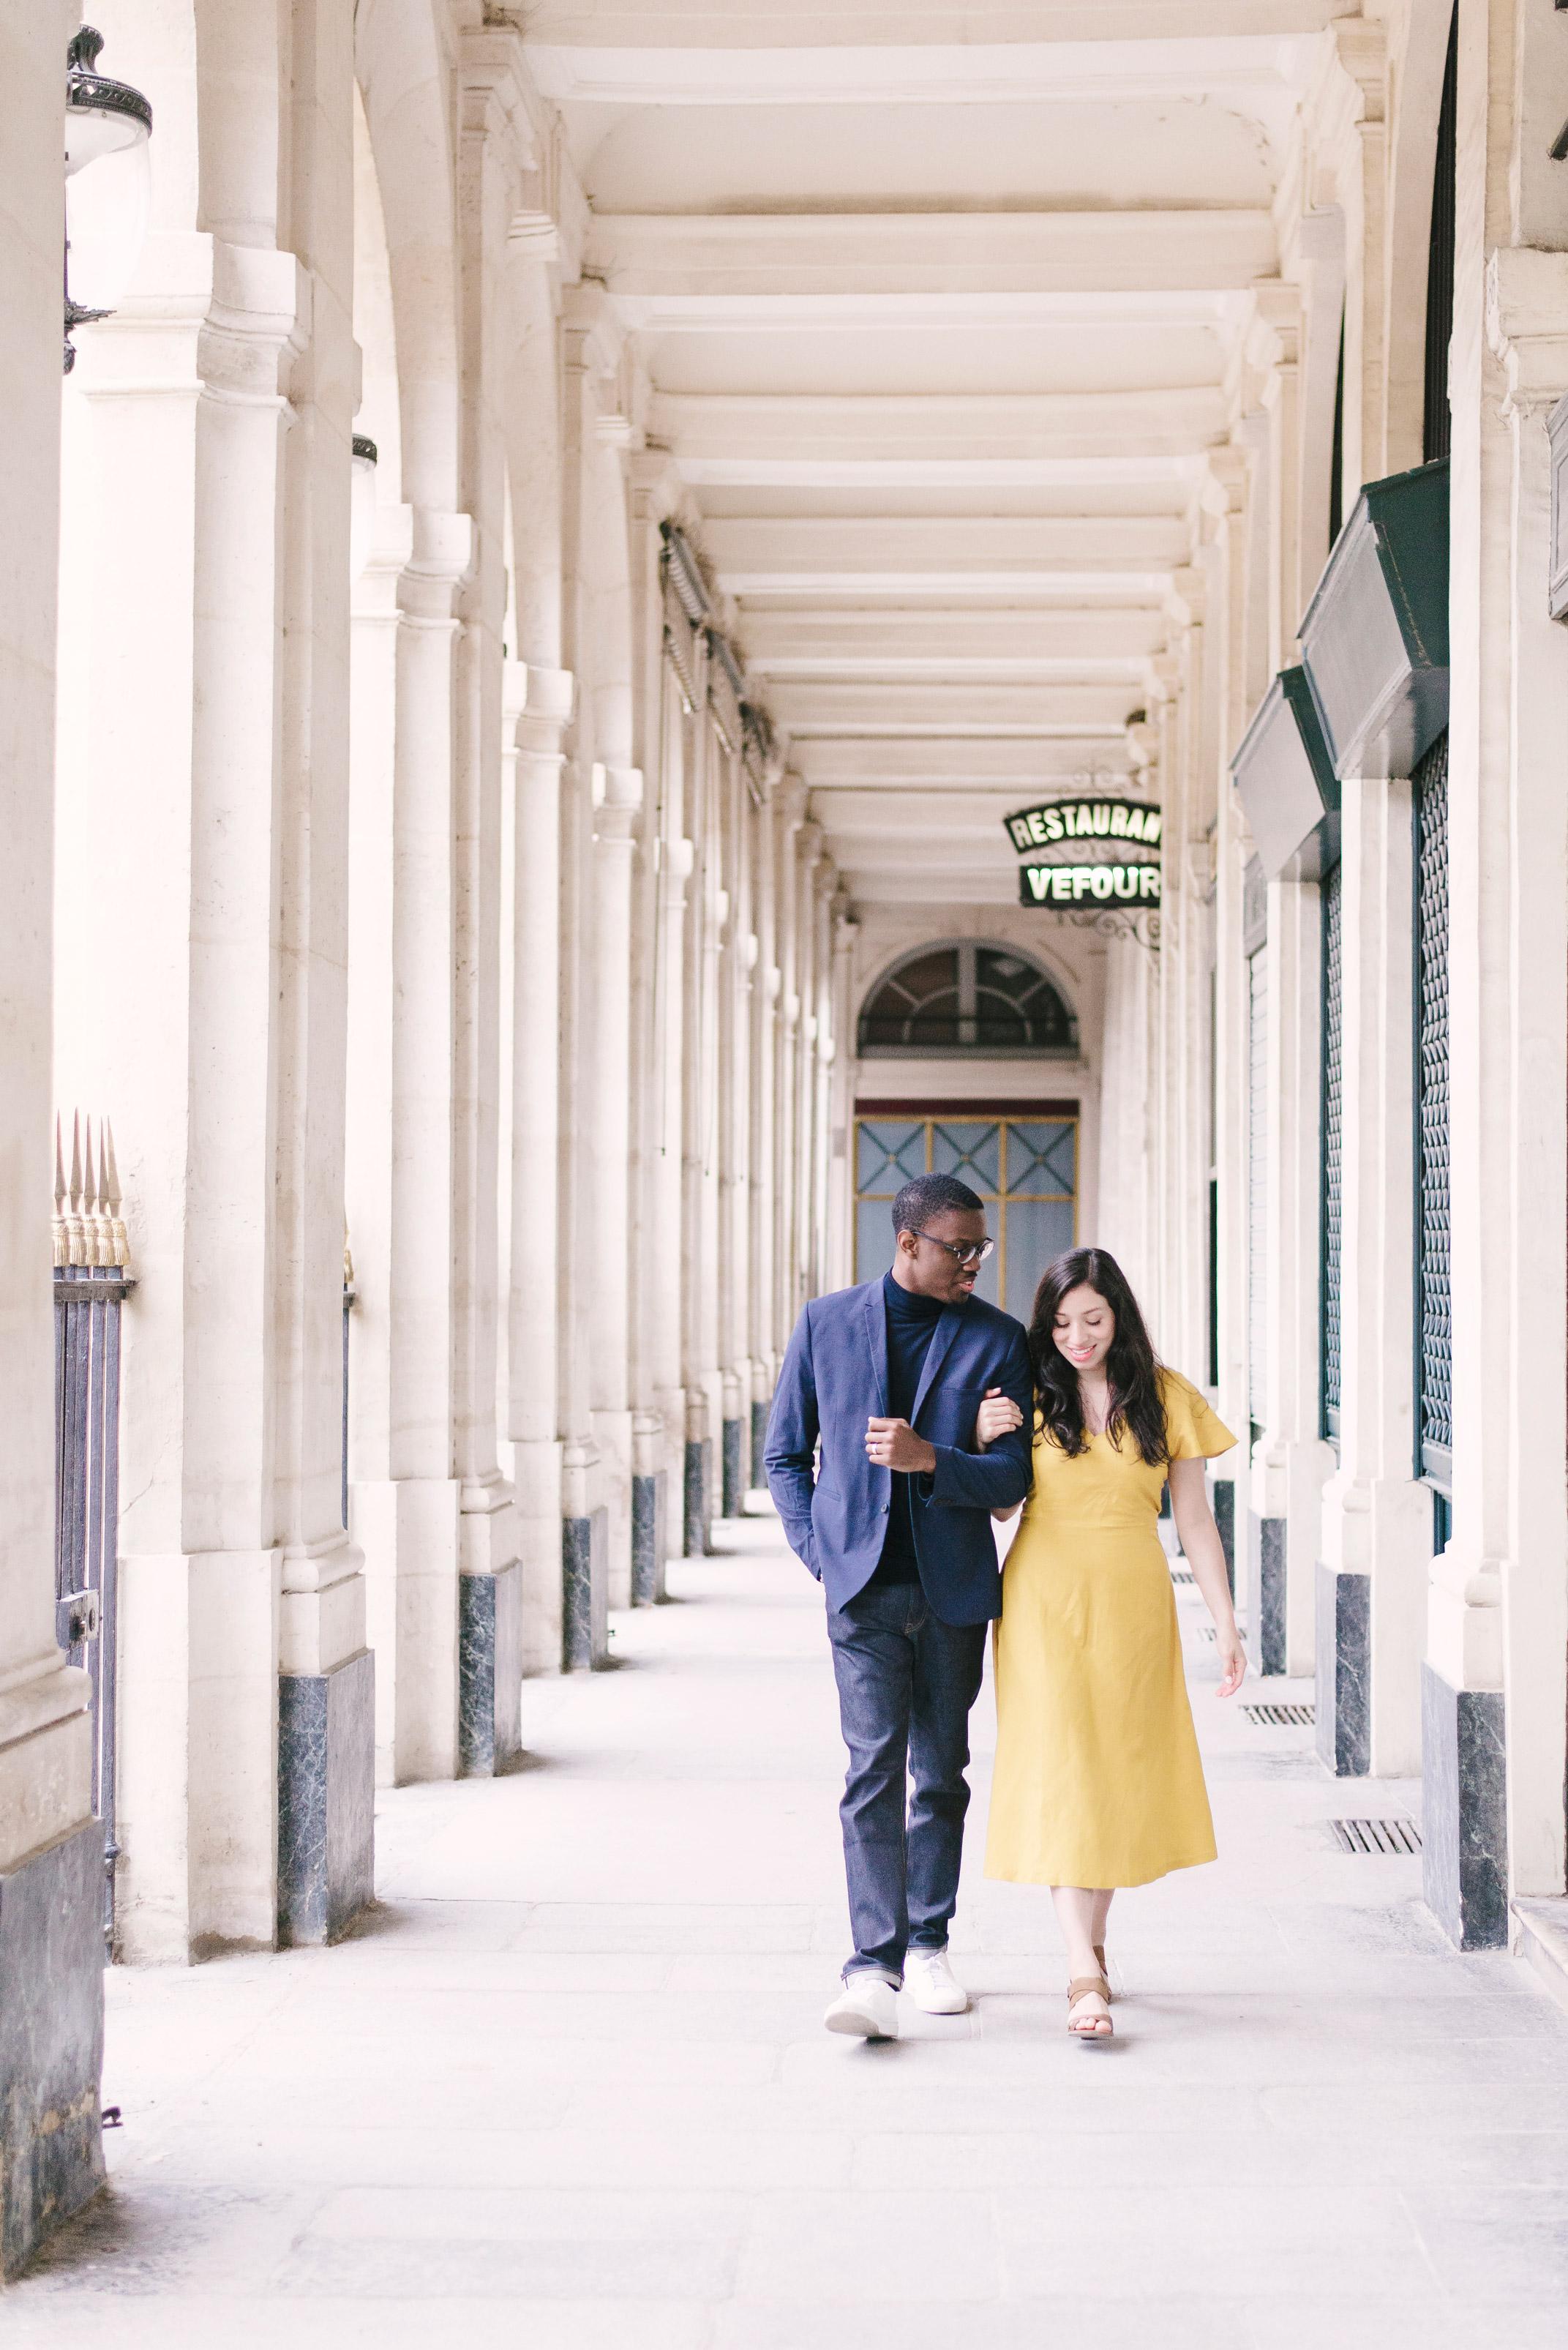 Couple-photoshoot-Paris-Pont-des-arts-Louvre-PalaisRoyale-045.jpg